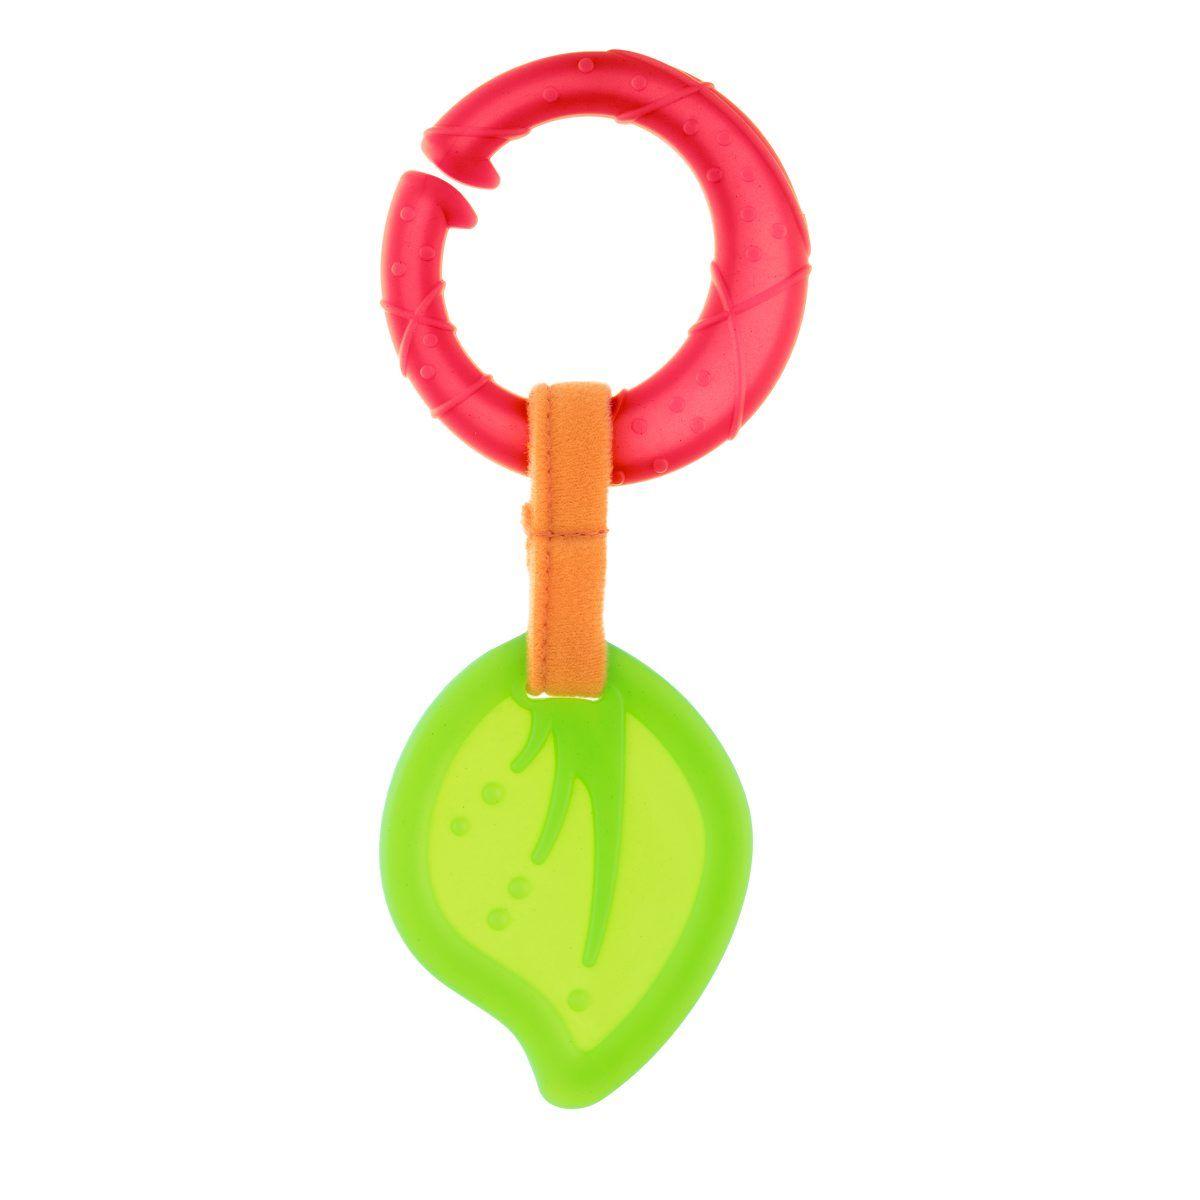 Игрушка с зубным кольцом